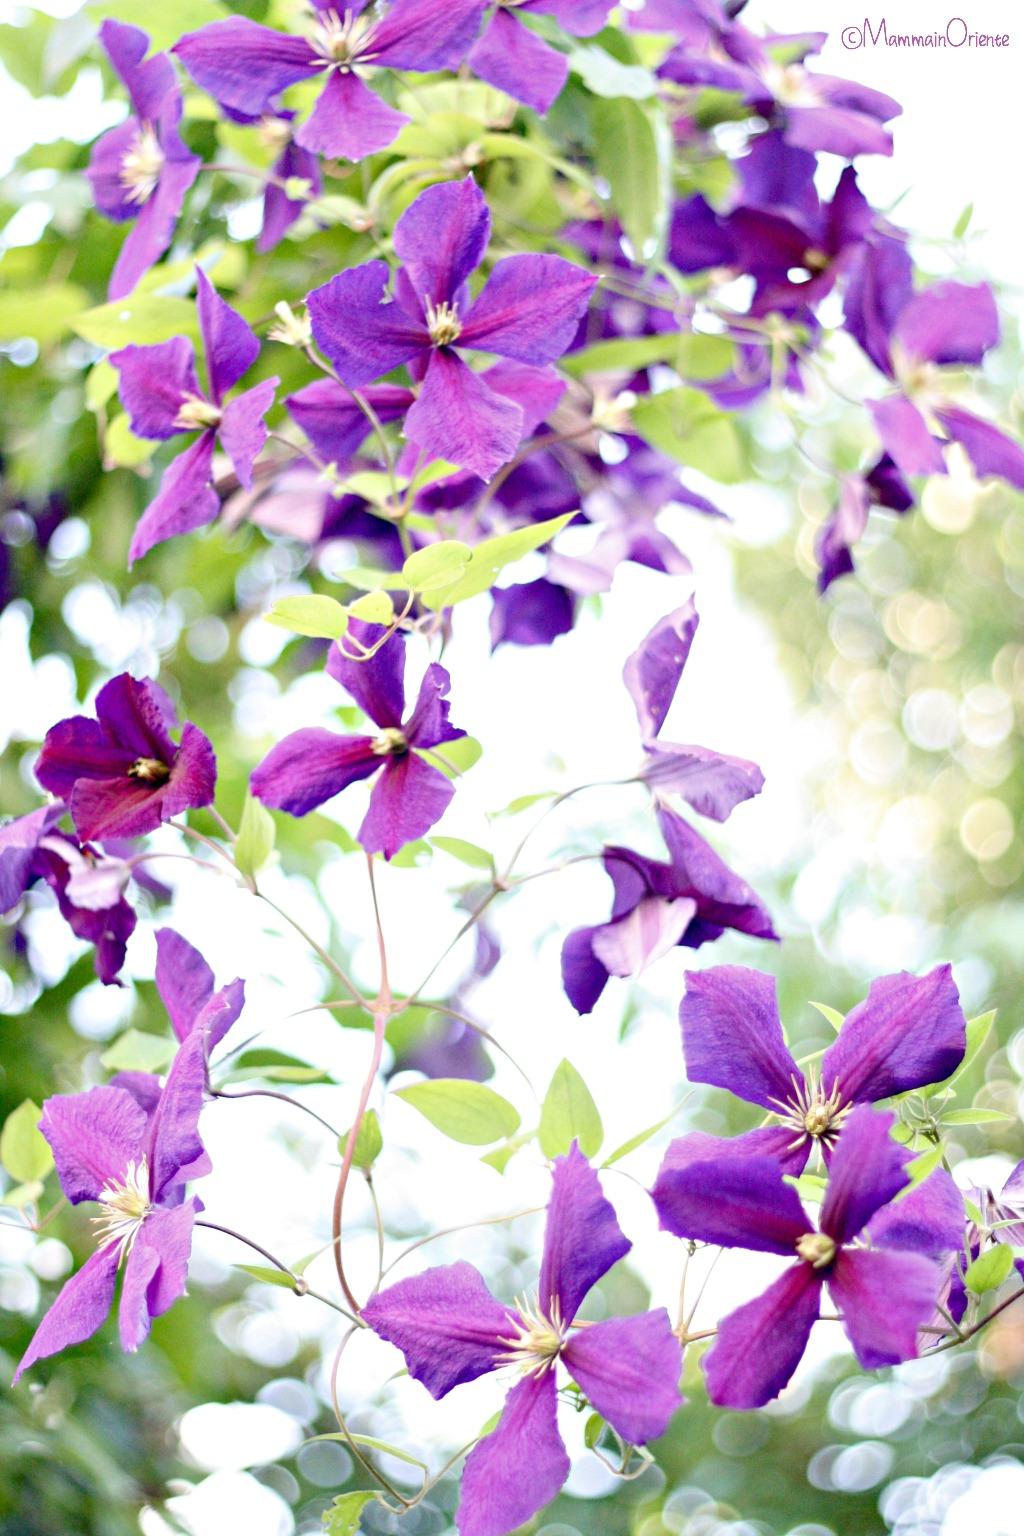 Clematis viola in fiore